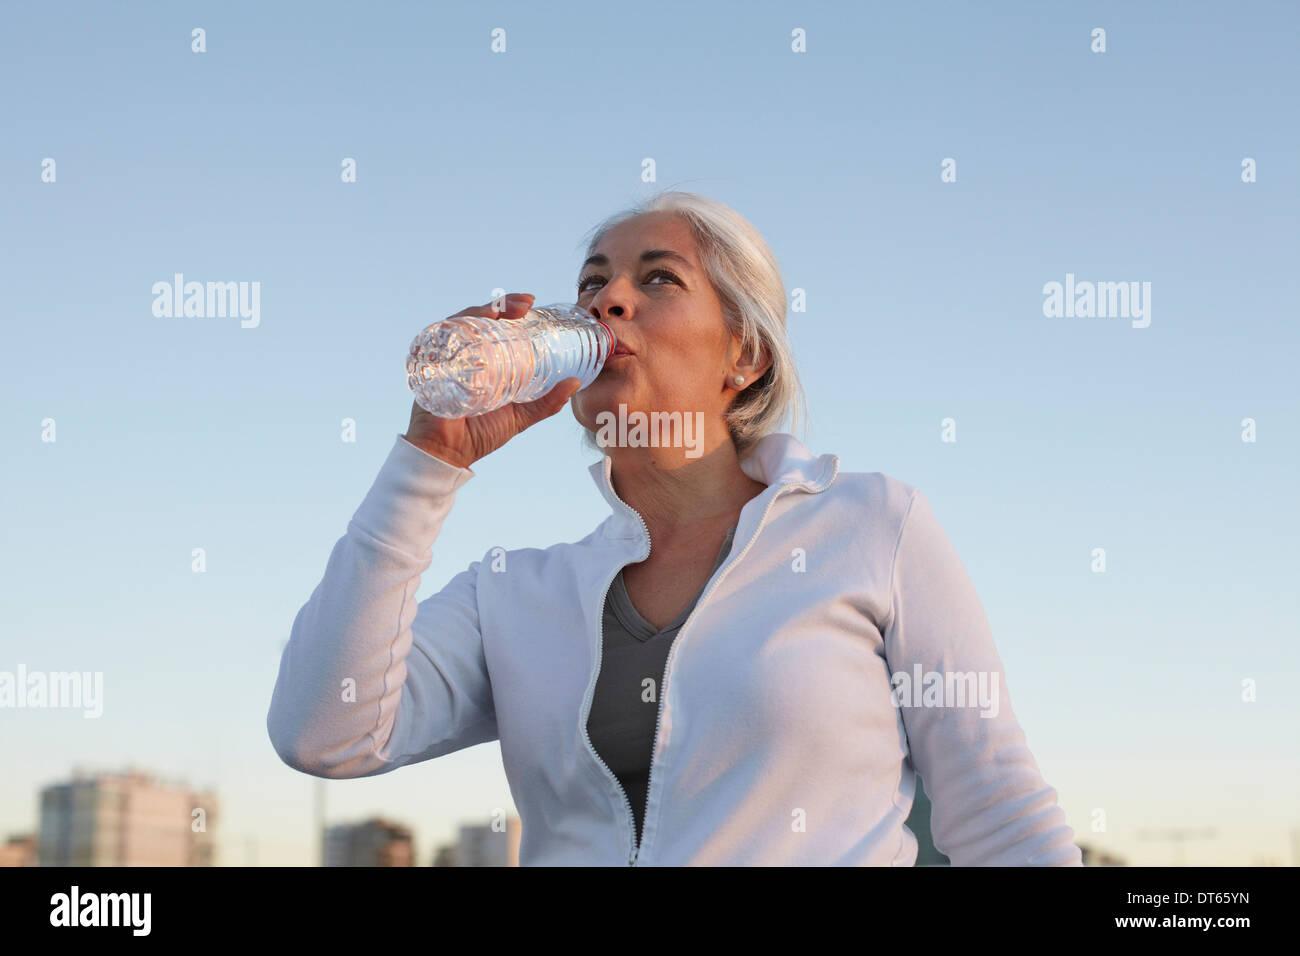 Mujer madura en ejercicio caminando Imagen De Stock